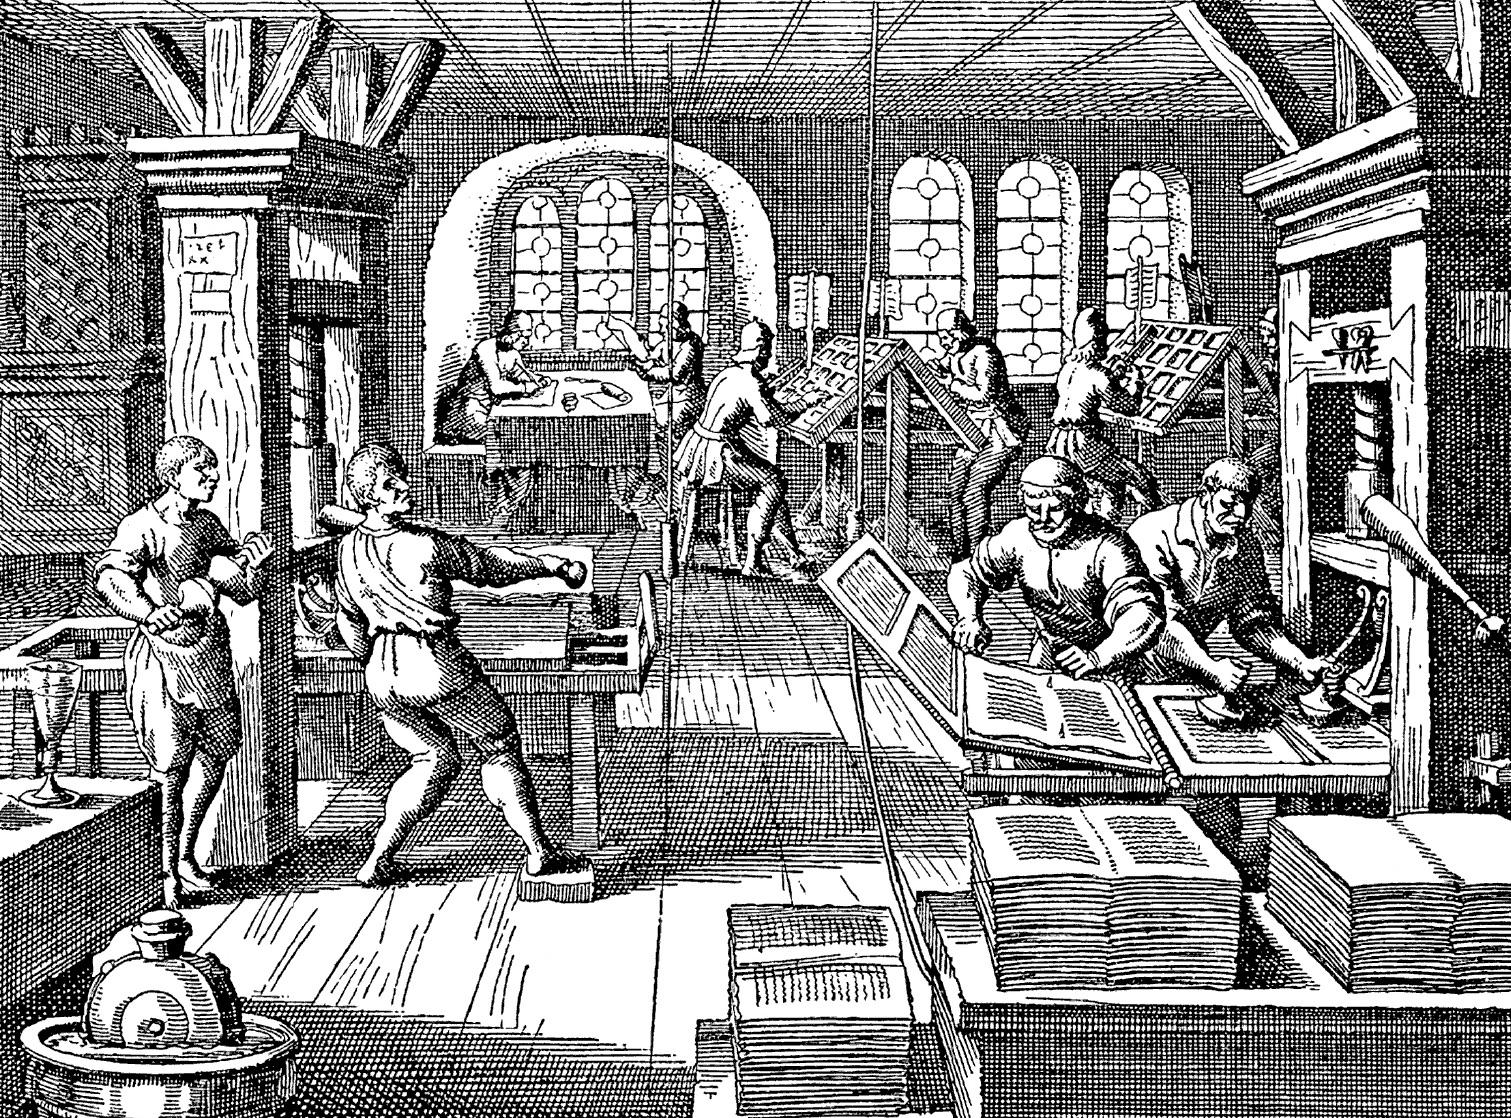 A picture of Aldus Manutius